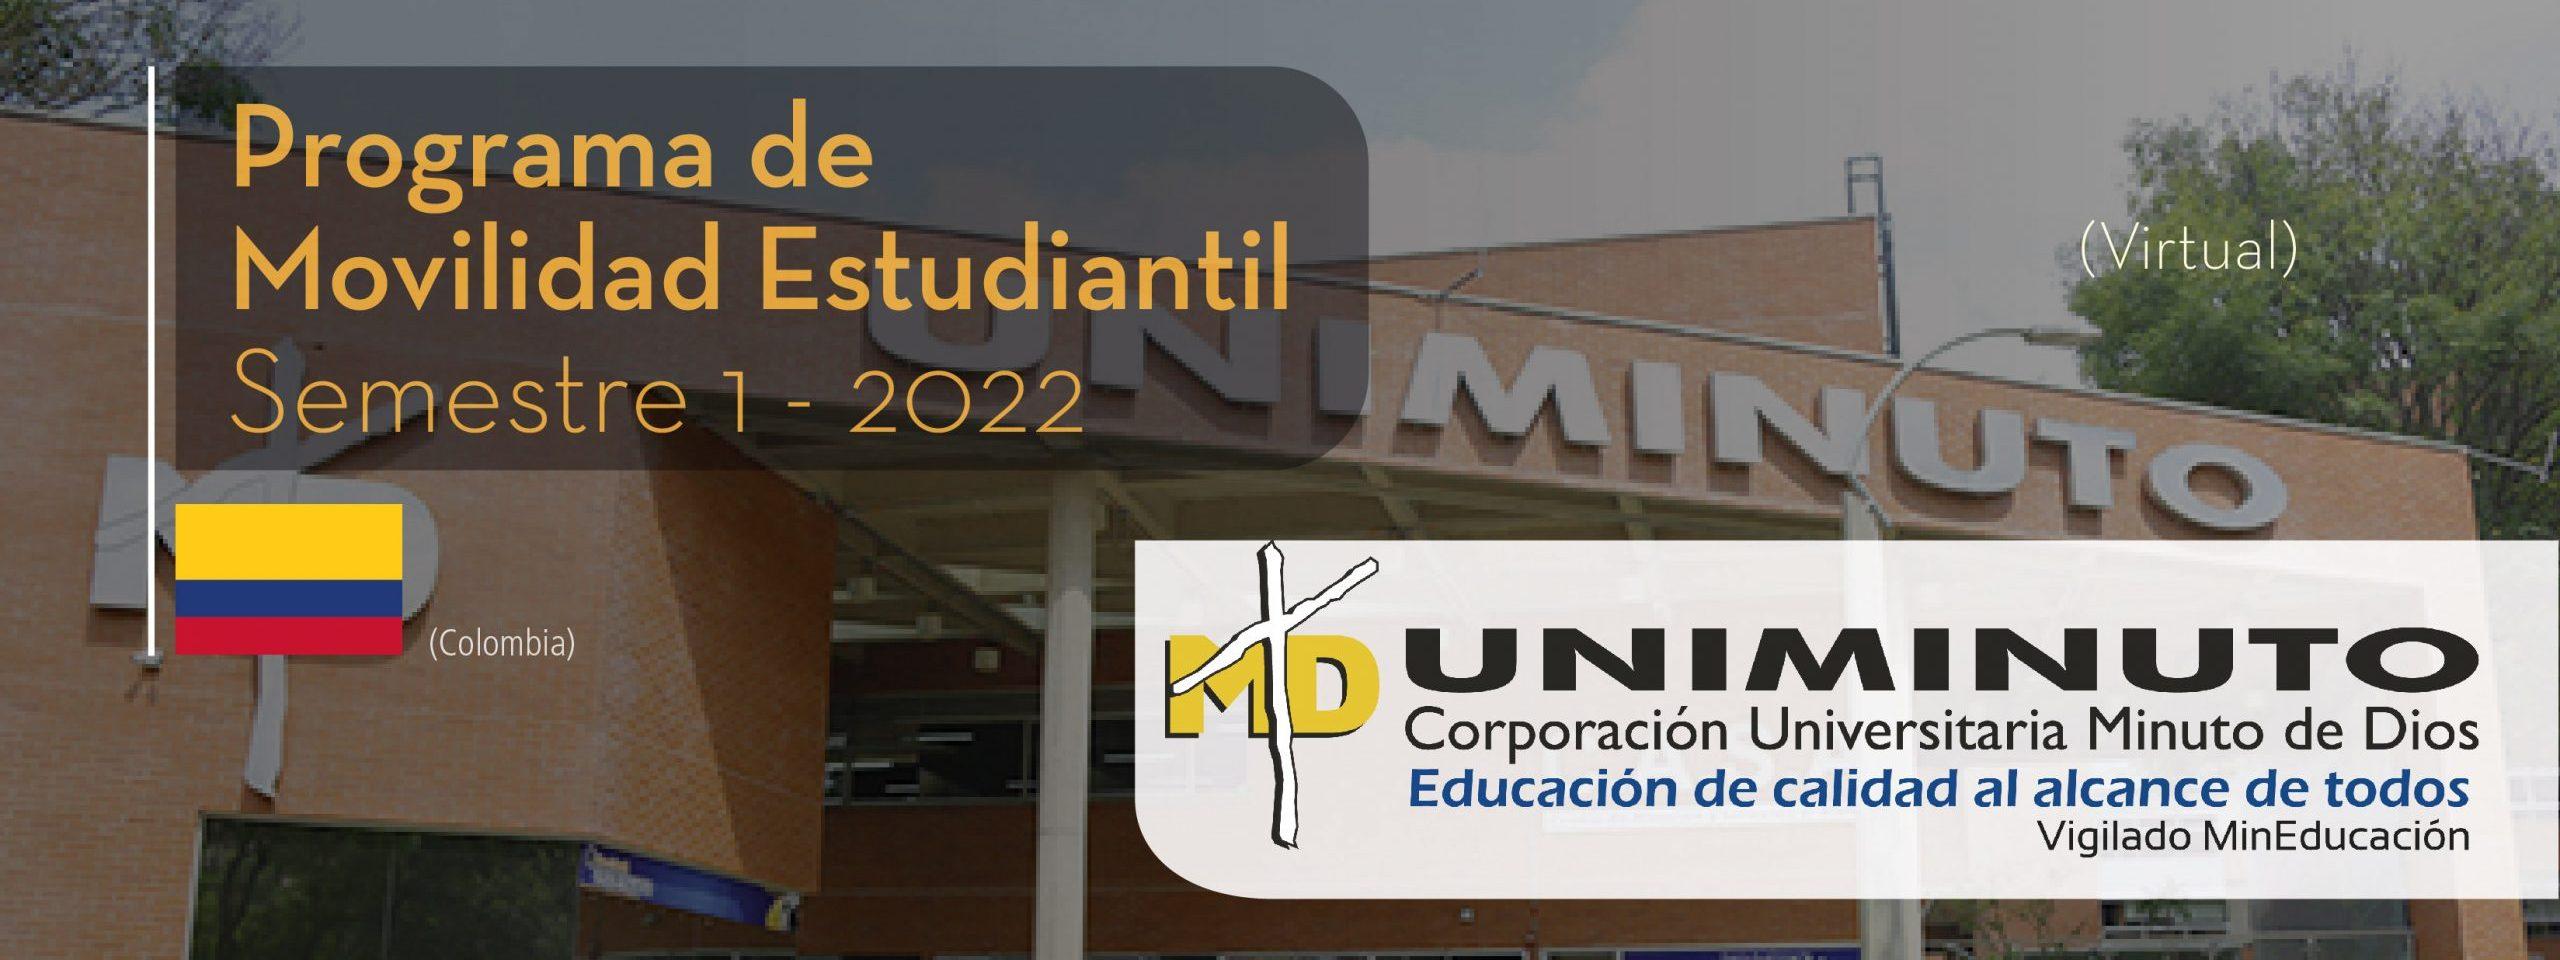 La Corporación Universitaria Minuto de Dios de Colombia es parte del Programa de Movilidad Estudiantil UCB por el Mundo.